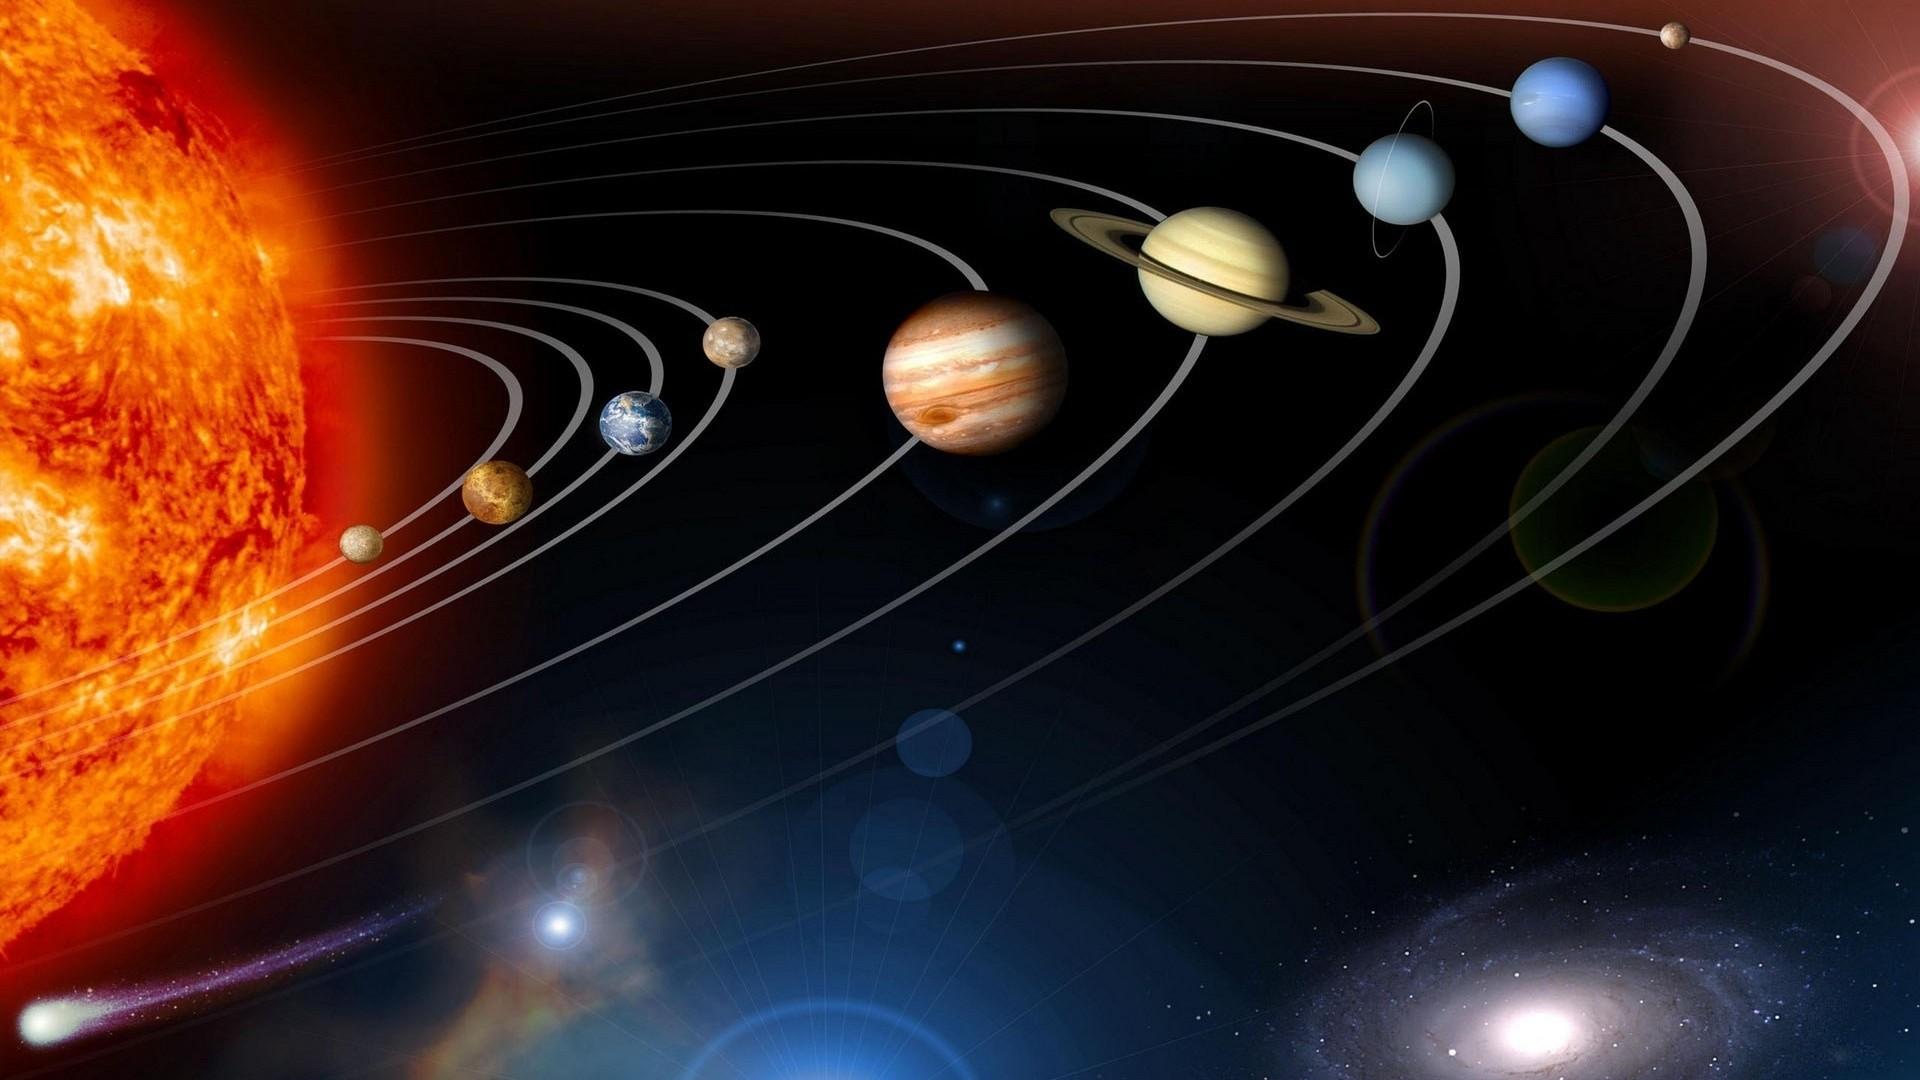 Solar System hd desktop wallpaper